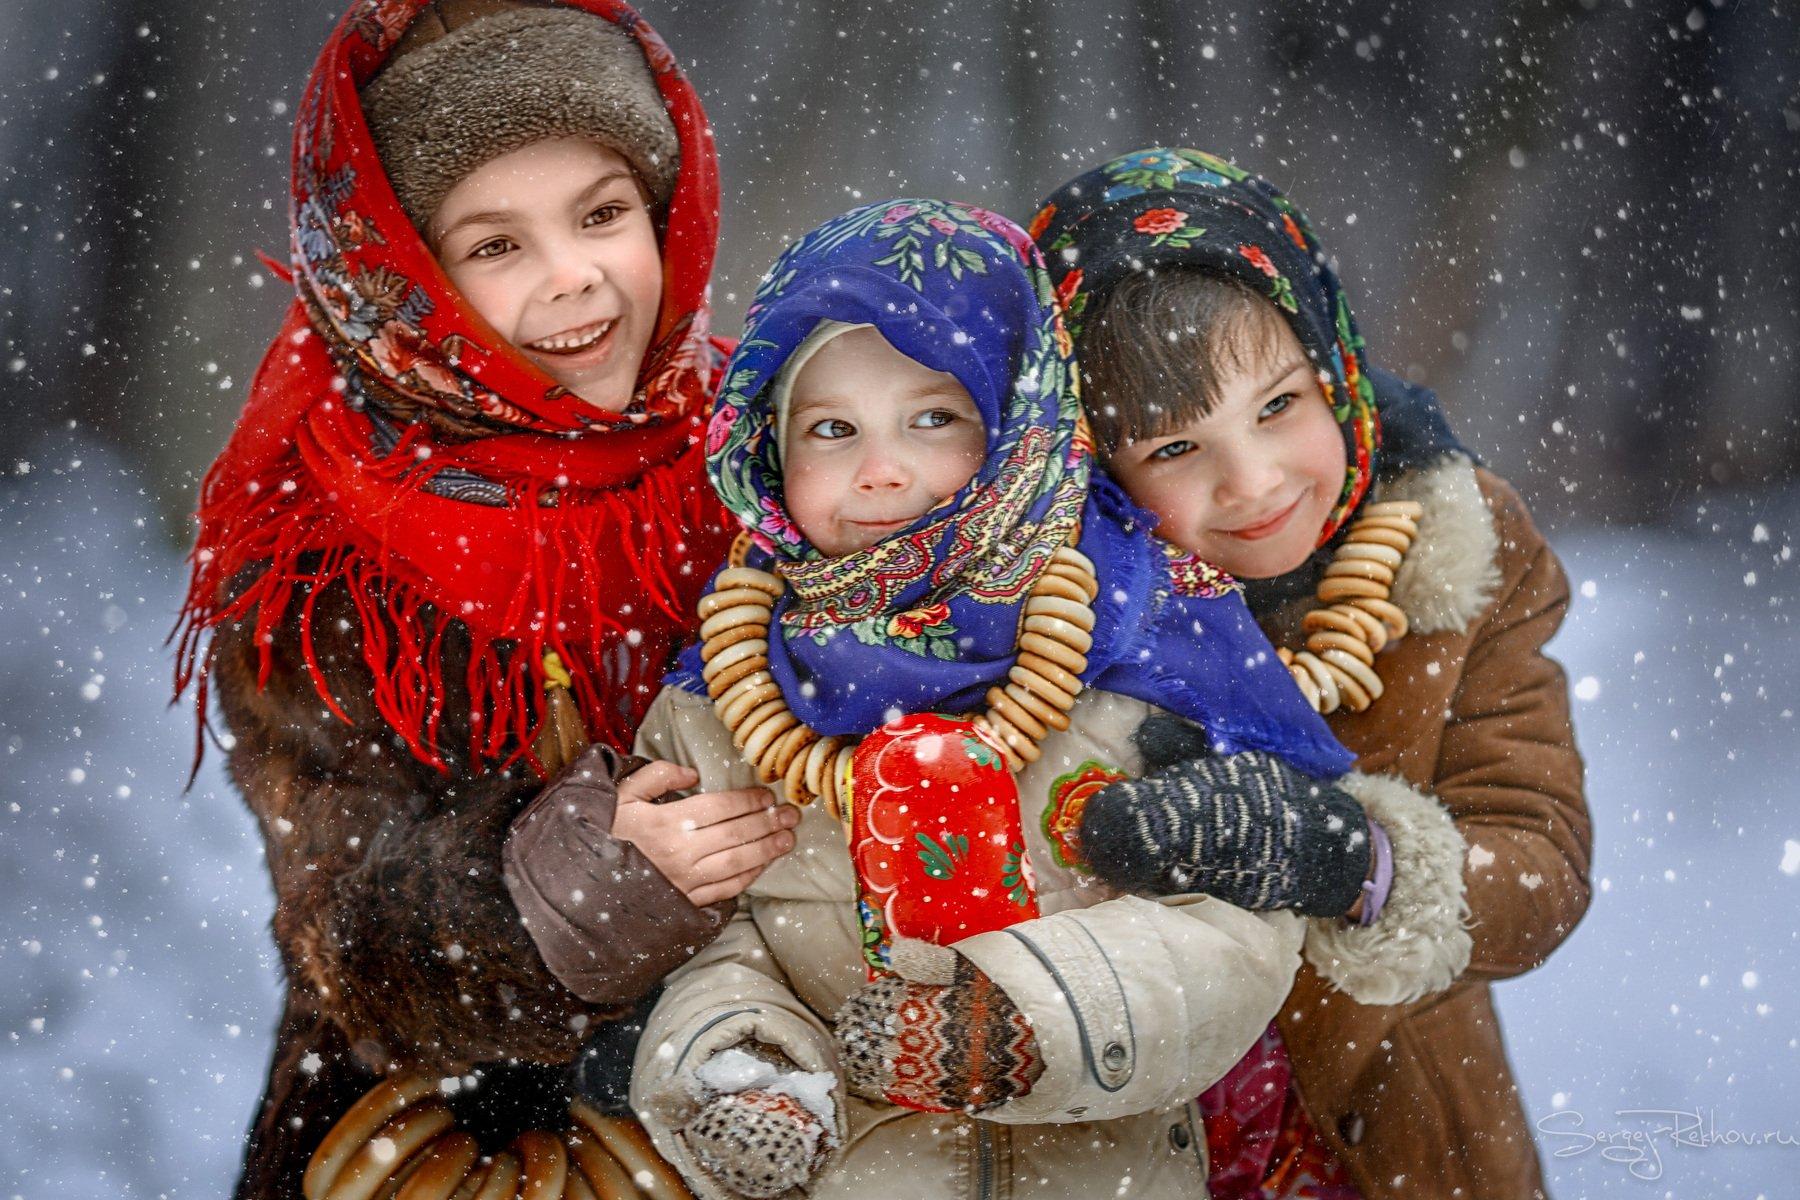 девочки, масленица, радость, праздник, зима, снег, Сергей Рехов